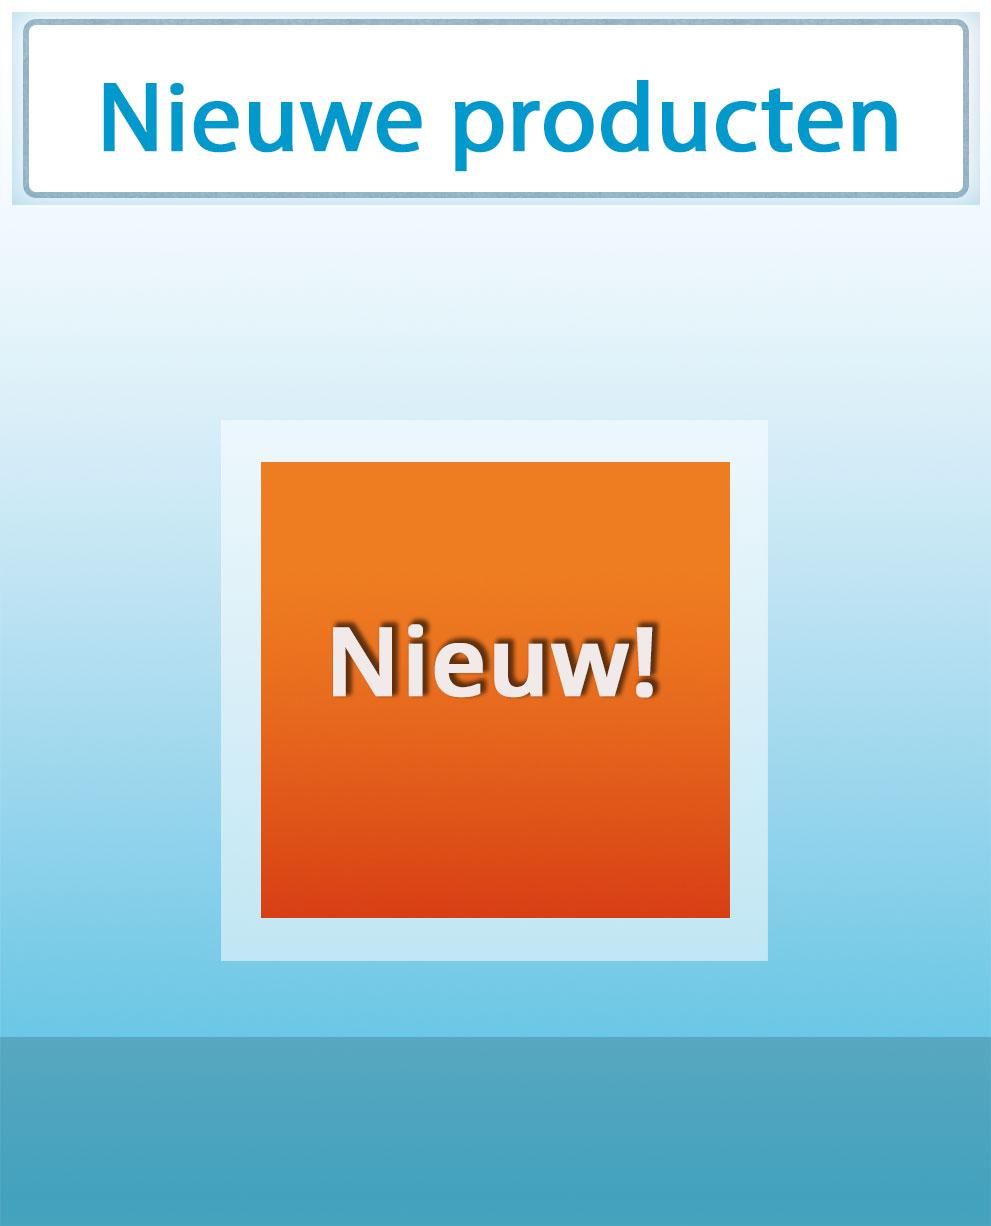 Categorie-02-Nieuwe-producten-bakingsoda-nl